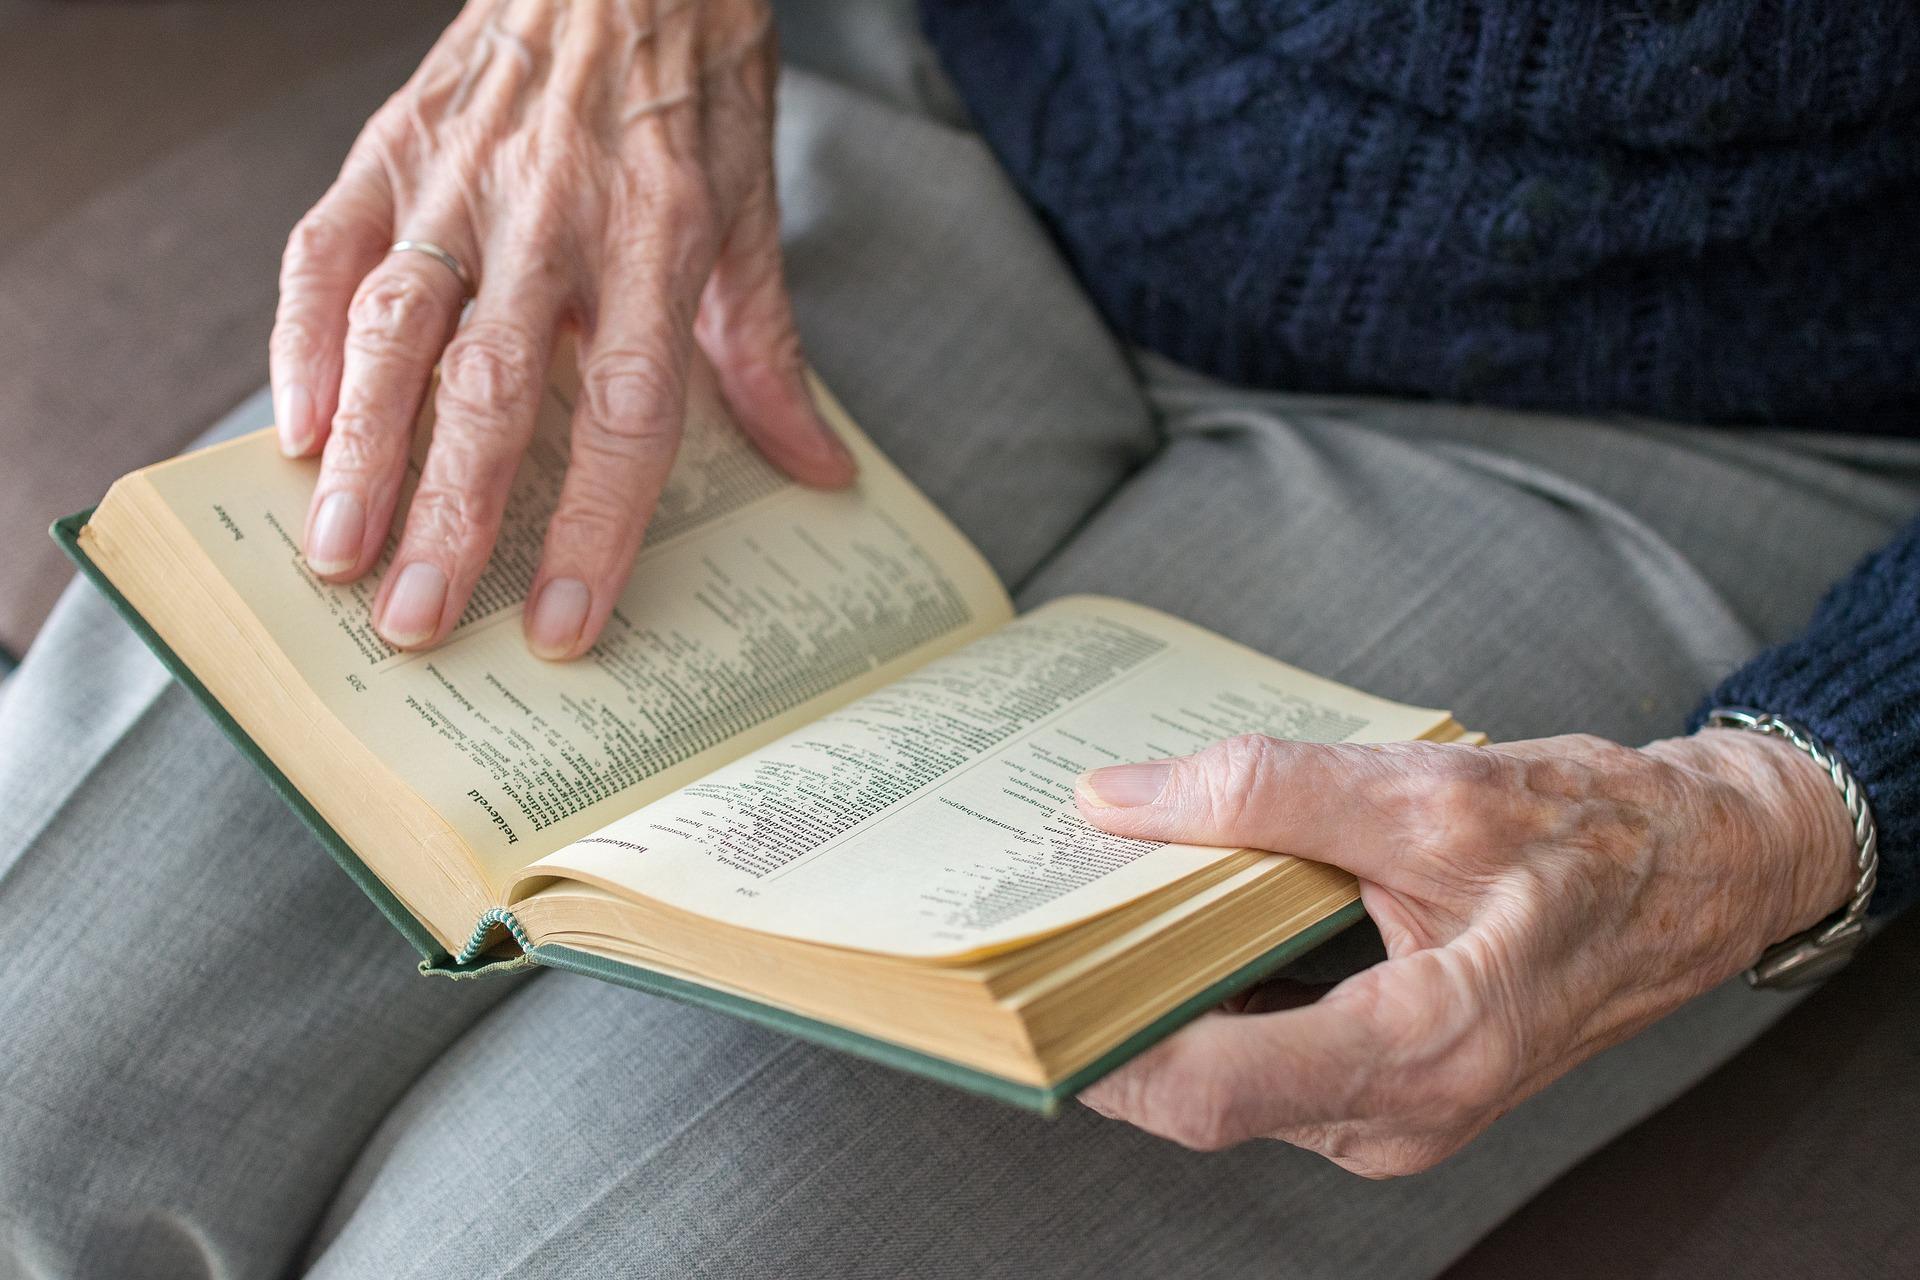 У пожилых людей с возрастом могут улучшиться некоторые когнитивные способности